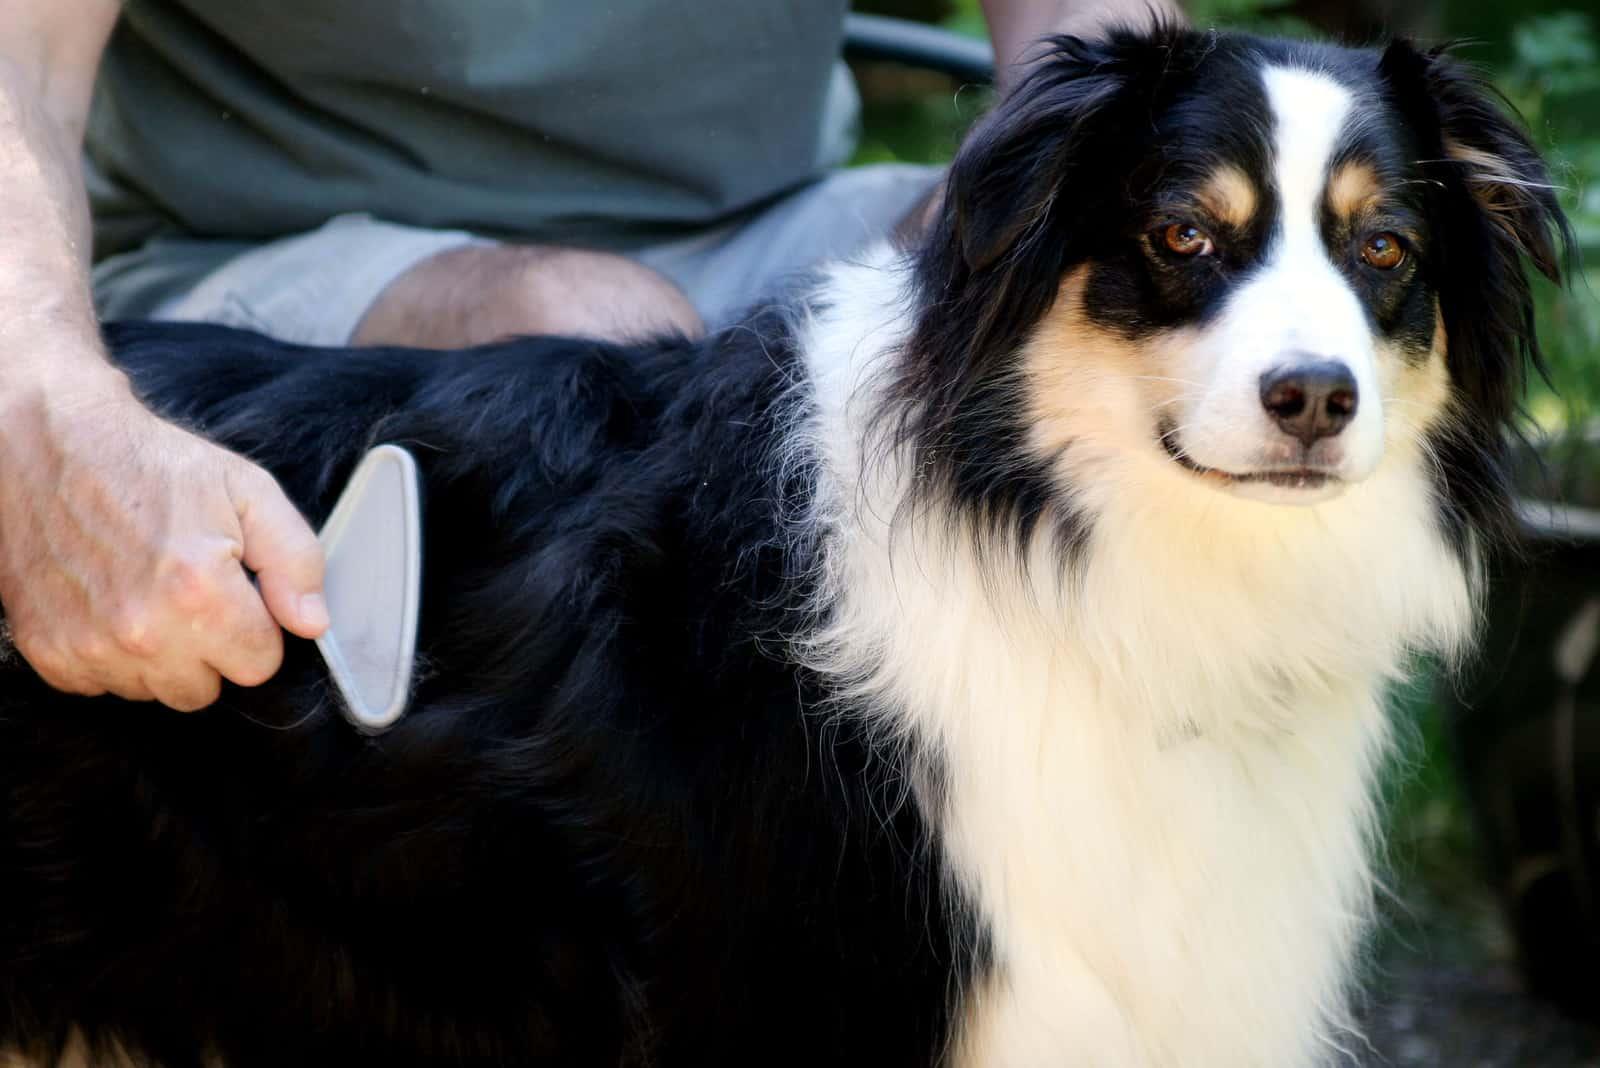 Ein Mann bürstet einen australischen Schäferhund